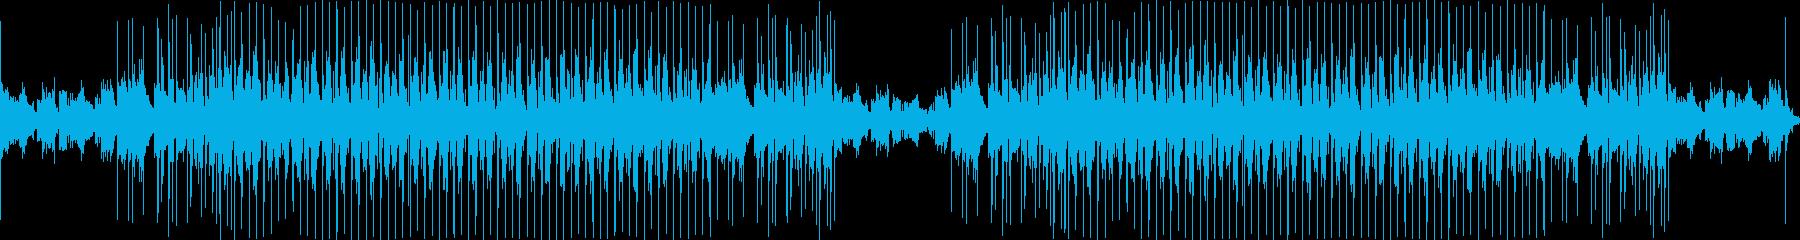 電気研究所ロボット機械ループ。優れ...の再生済みの波形